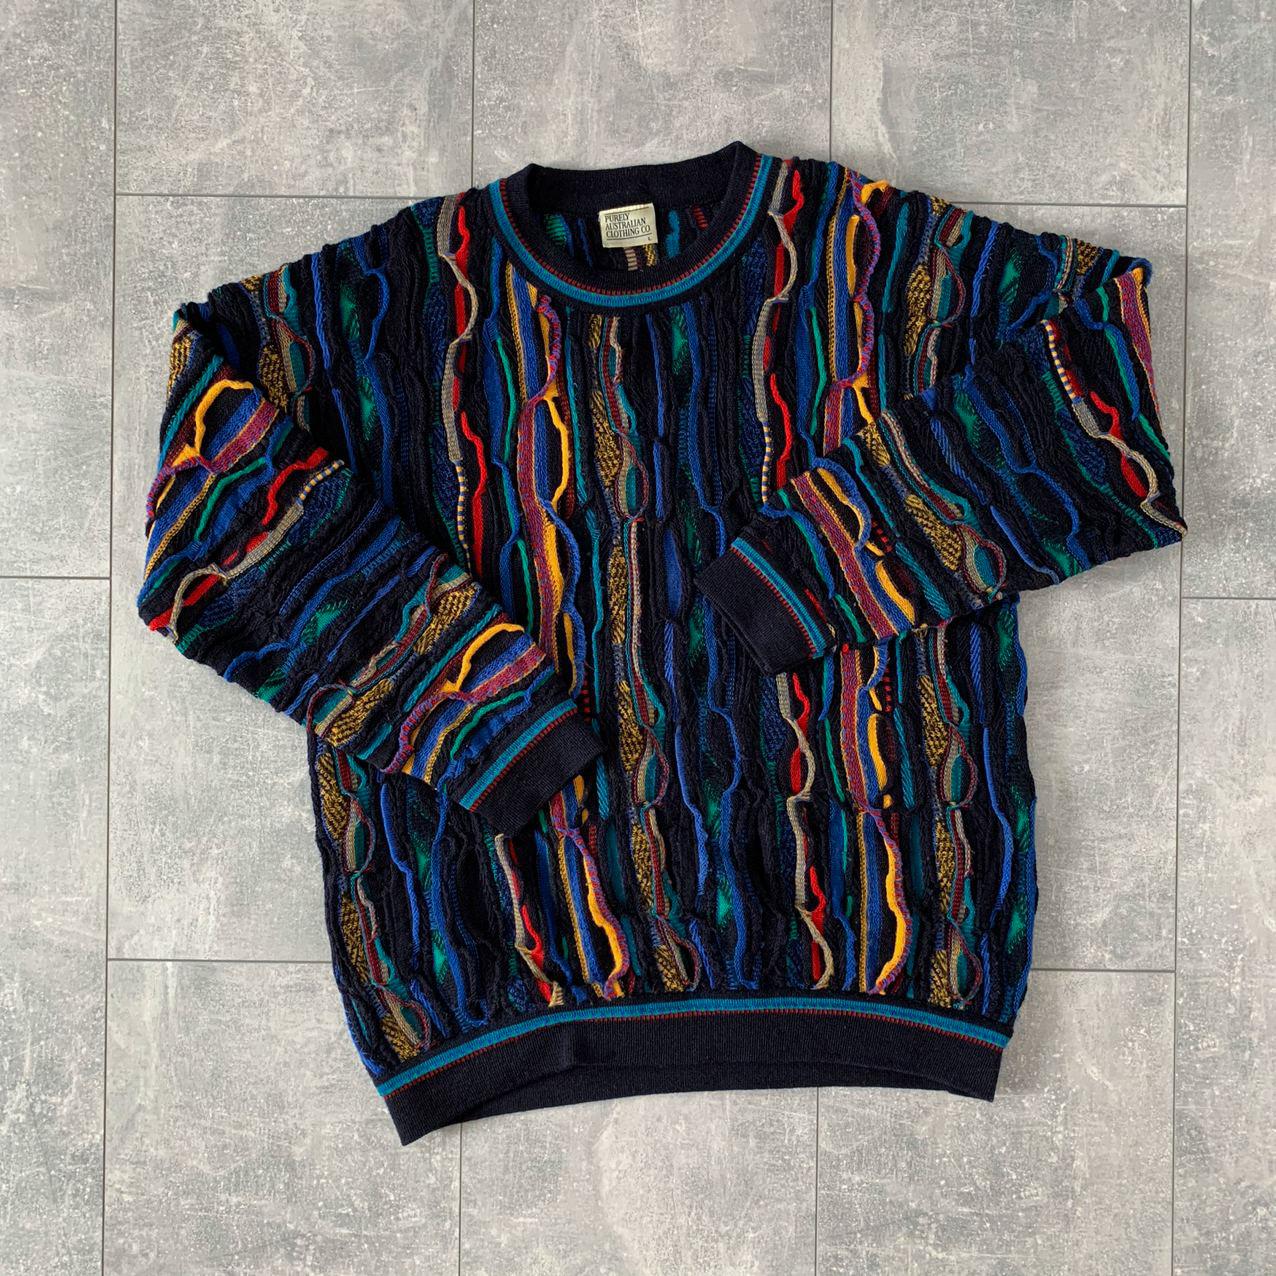 3D Op Art Zig Zag Patterns Crew Neck COOGI Australia Sweater L Vintage Textured Pullover Large Cotton Unique Rich Bold Rainbow Colors